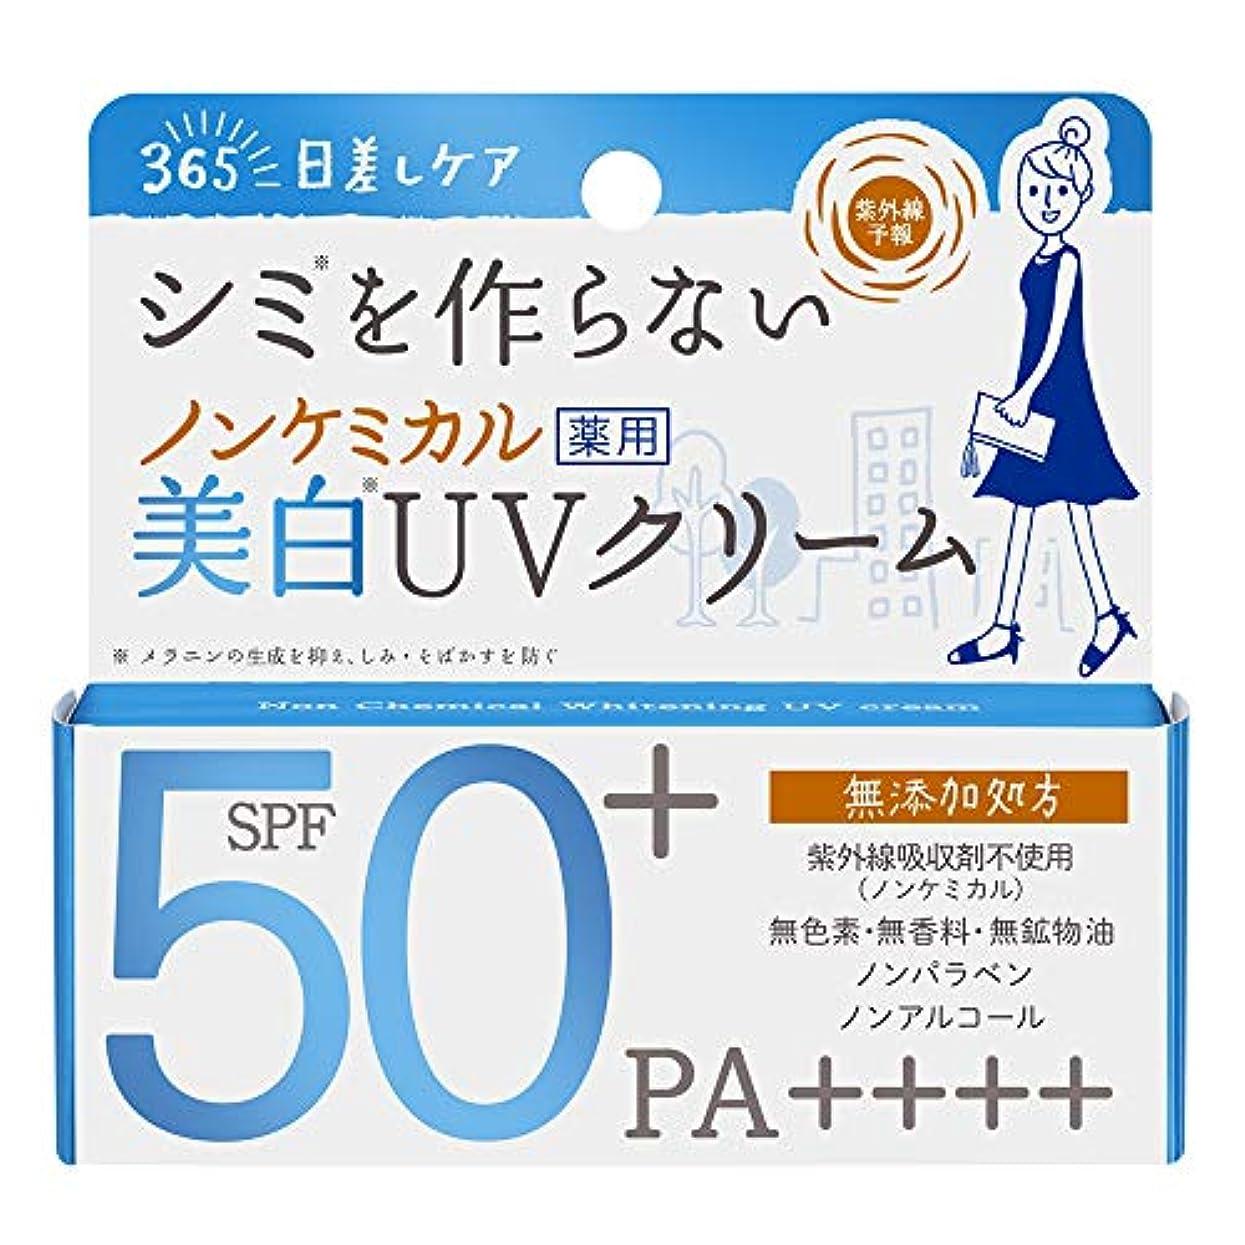 発見する中級翻訳者紫外線予報 ノンケミカル薬用美白UVクリーム 40g